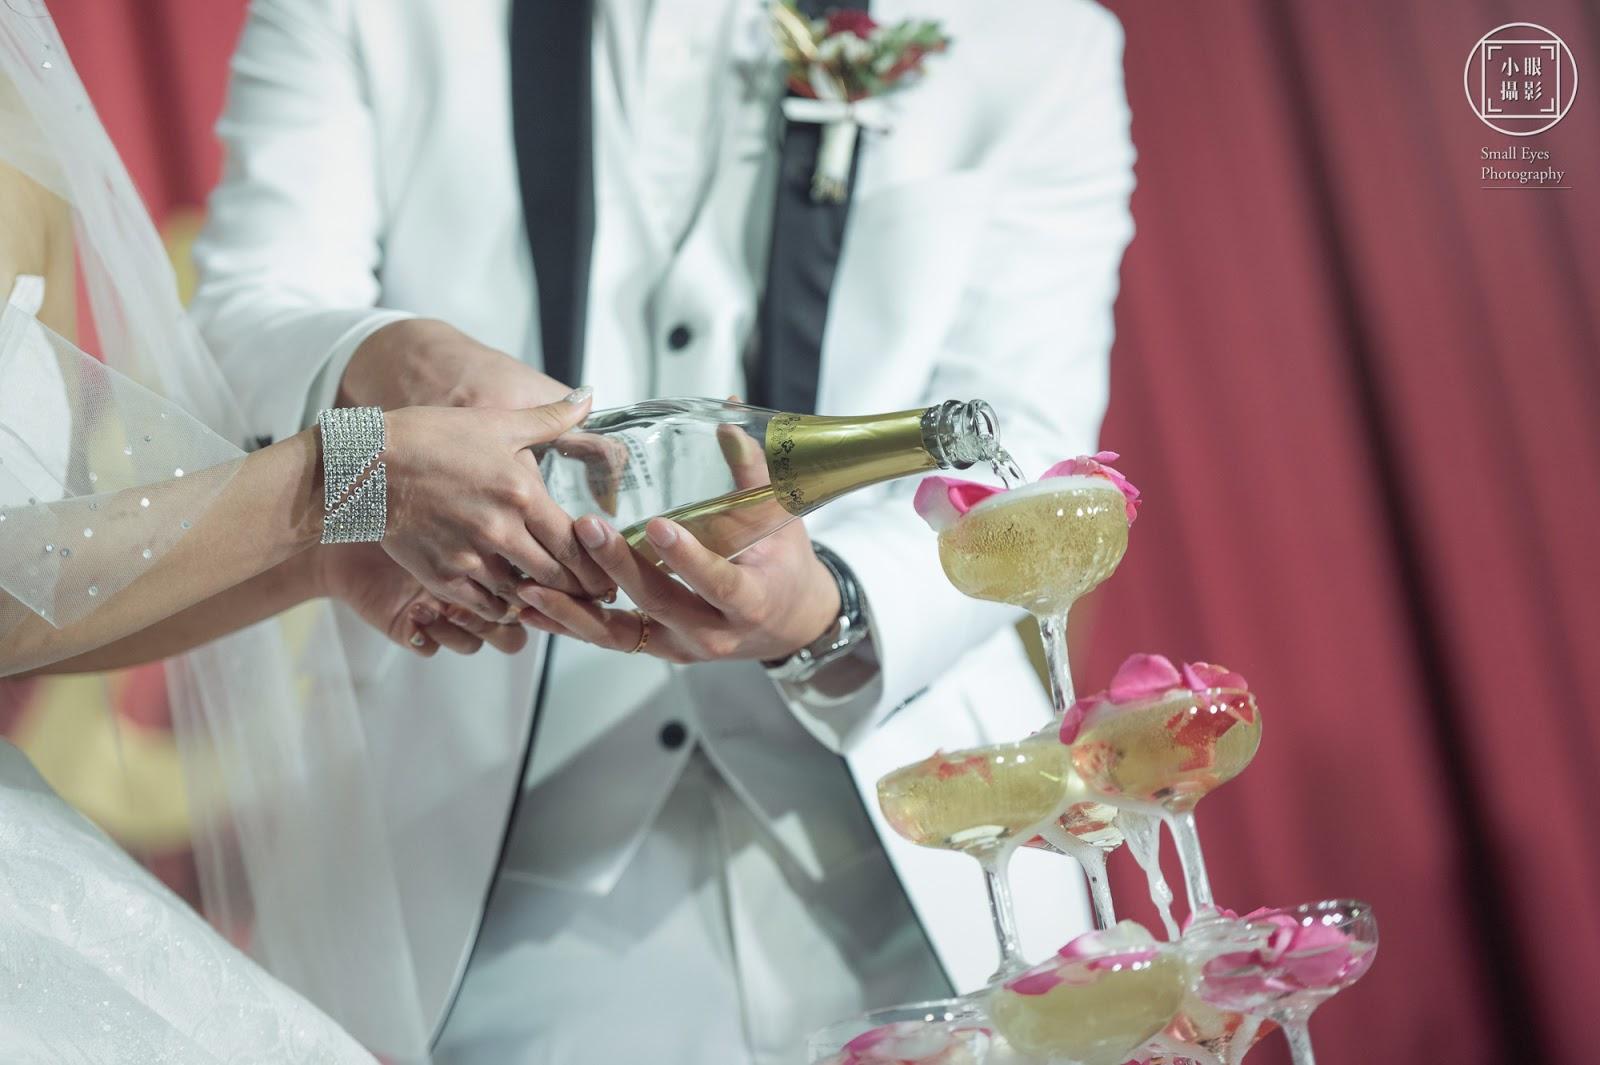 婚攝,小眼攝影,婚禮紀實,婚禮紀錄,婚紗,國內婚紗,海外婚紗,寫真,婚攝小眼,台北,自主婚紗,自助婚紗,Jubie,Wedding,手繪插畫喜帖,Joanna,Wedding,經典婚紗,黑禮帽西服工作室,Stella,幸福小夫妻,婚禮工作室,令潔,樂樂,Yvonne的婚禮儲思盆,麋鹿小姐,Palmier Bakery,帕米貝可,手作烘焙,波波諾諾,復古攝影棚,幸福故事館婚禮顧問,Winni Handmade,幸福手作,徐州路2號,庭園會館